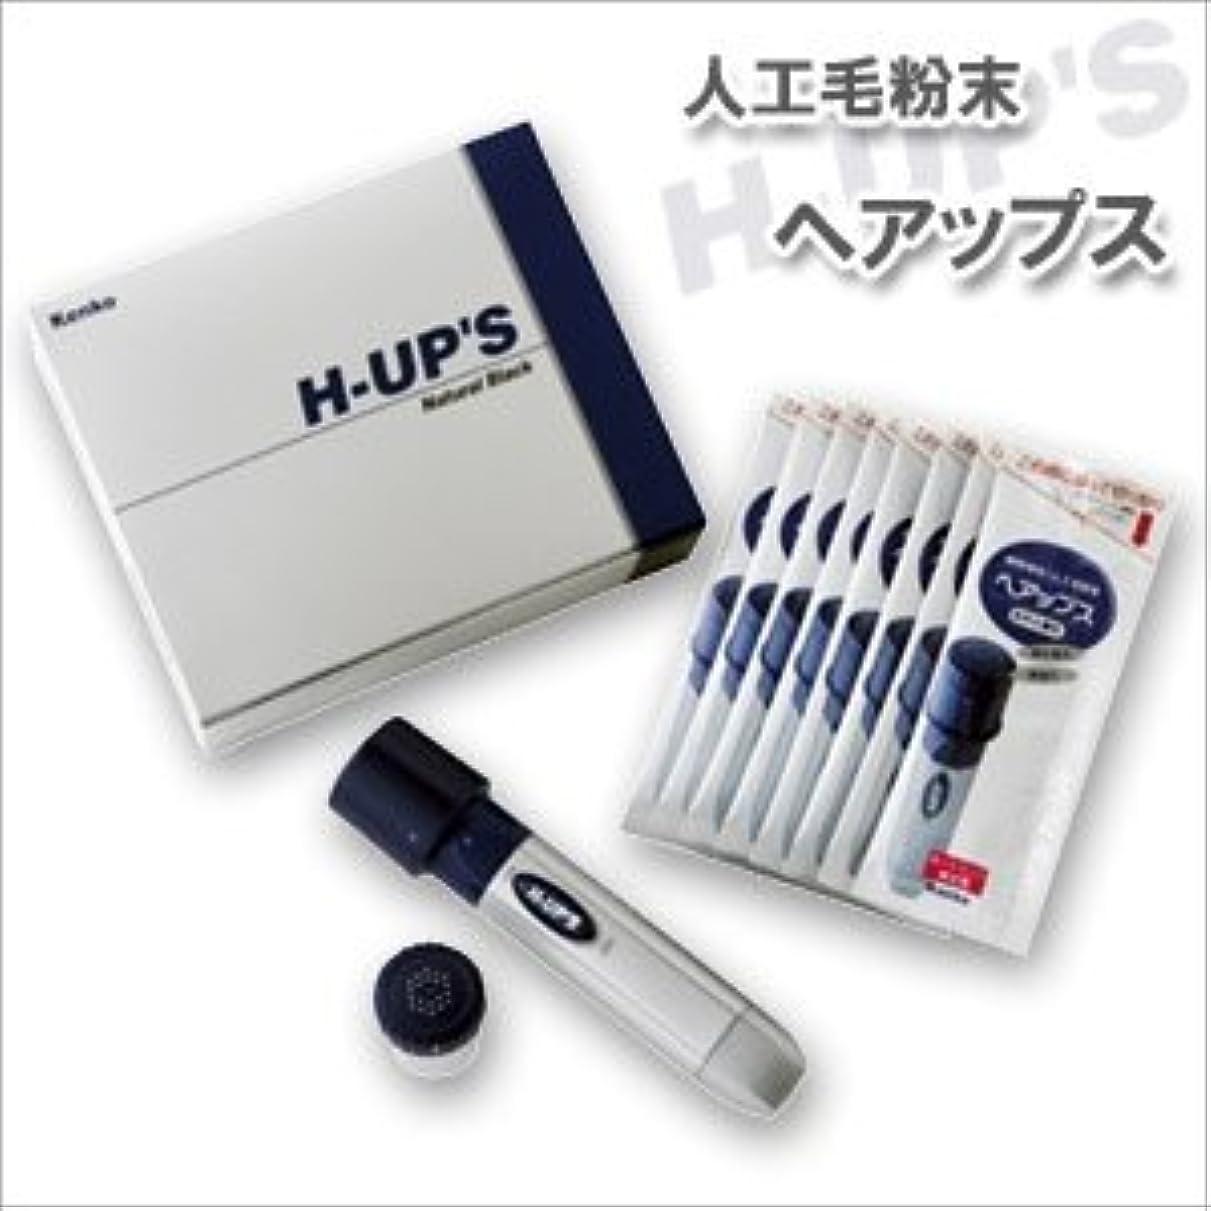 憧れ金貸しサービスH-UP S ヘアップス 電動散布器本体 プラス 補充用カートリッジ 頭皮薄毛カバー粉末 ブラック